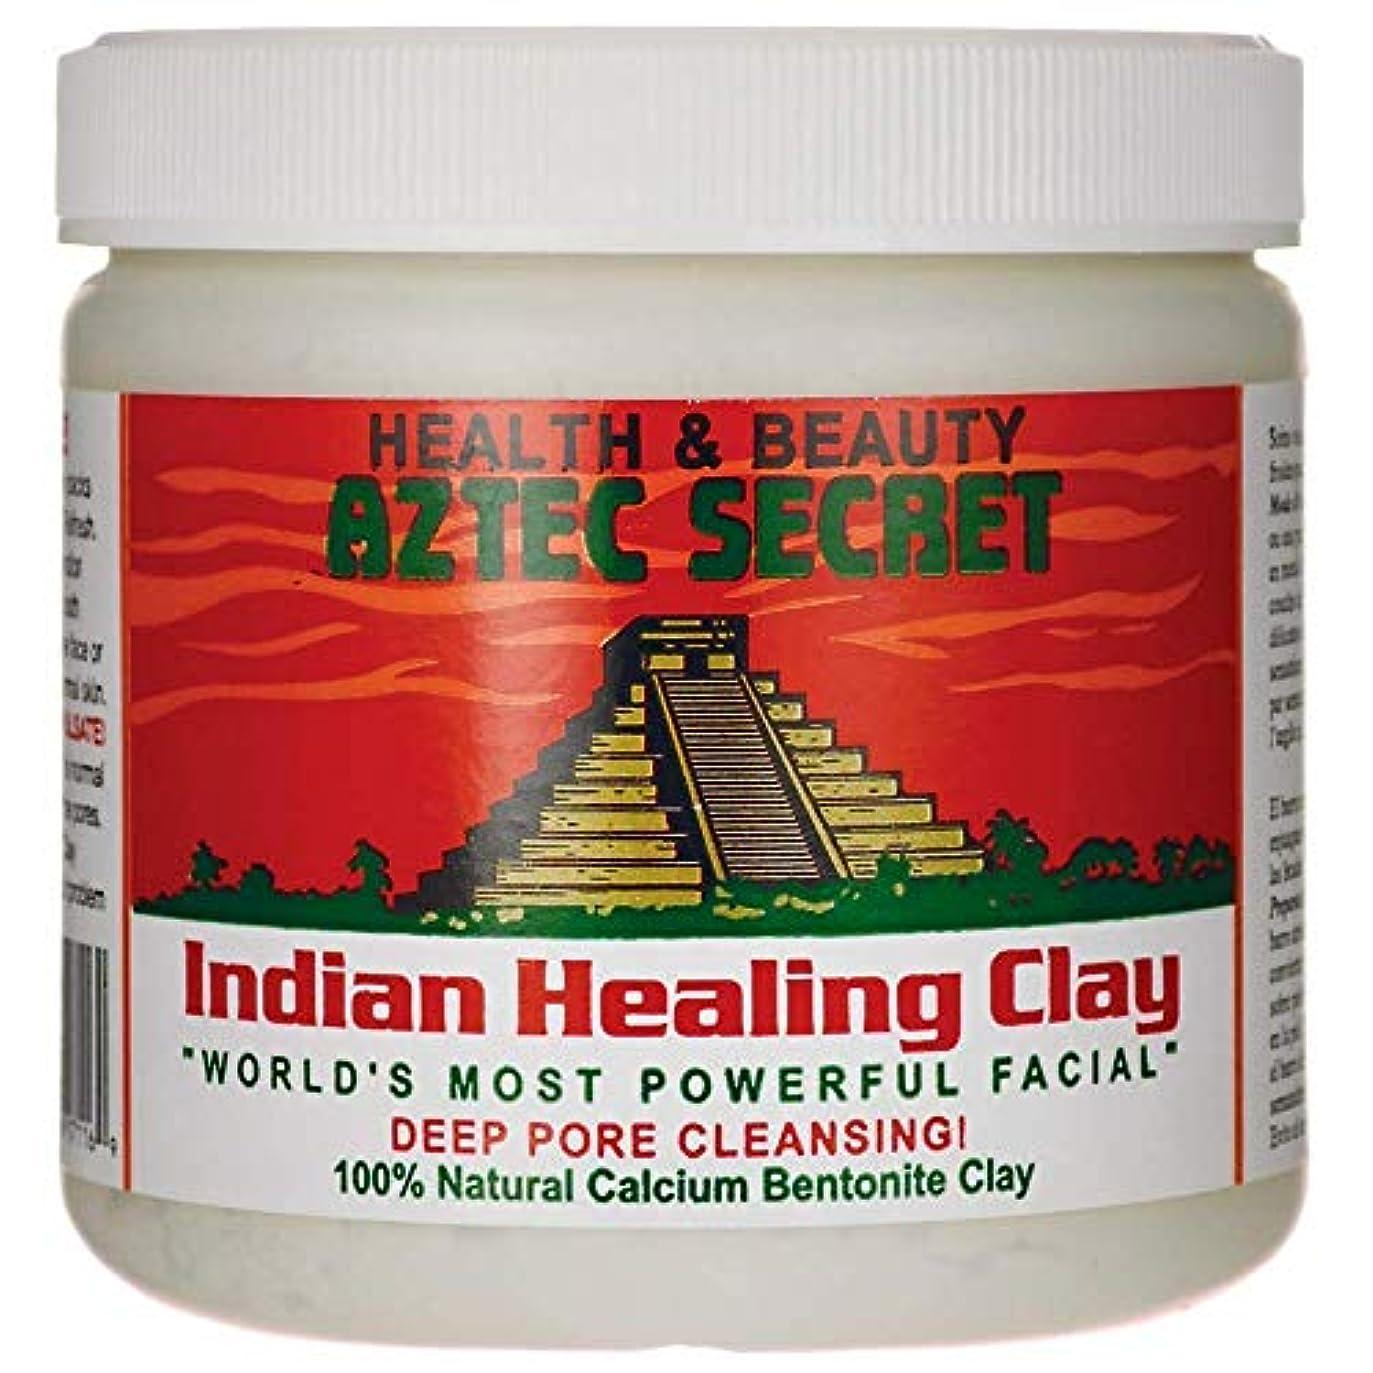 パンダ雇った顧問Aztec Secret 1 Lbをオリジナルの100%天然カルシウムベントナイト粘土をマスクディープポアクレンジング?フェイシャル&ボディヒーリング 1ポンド